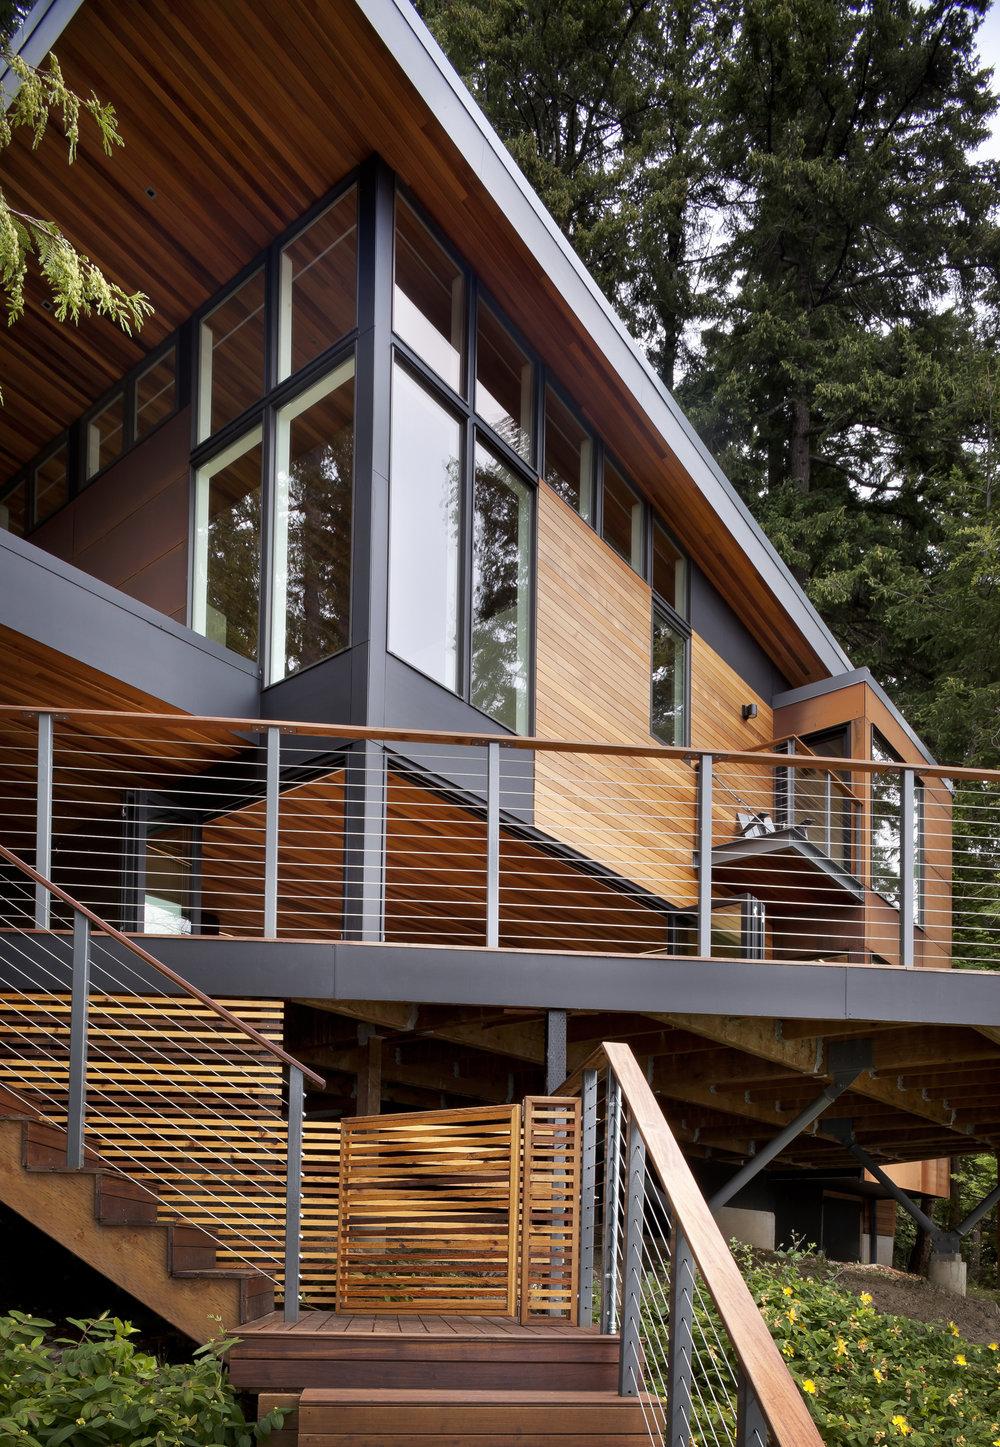 Herron Island Cabin_TBp 011-WEB.jpg